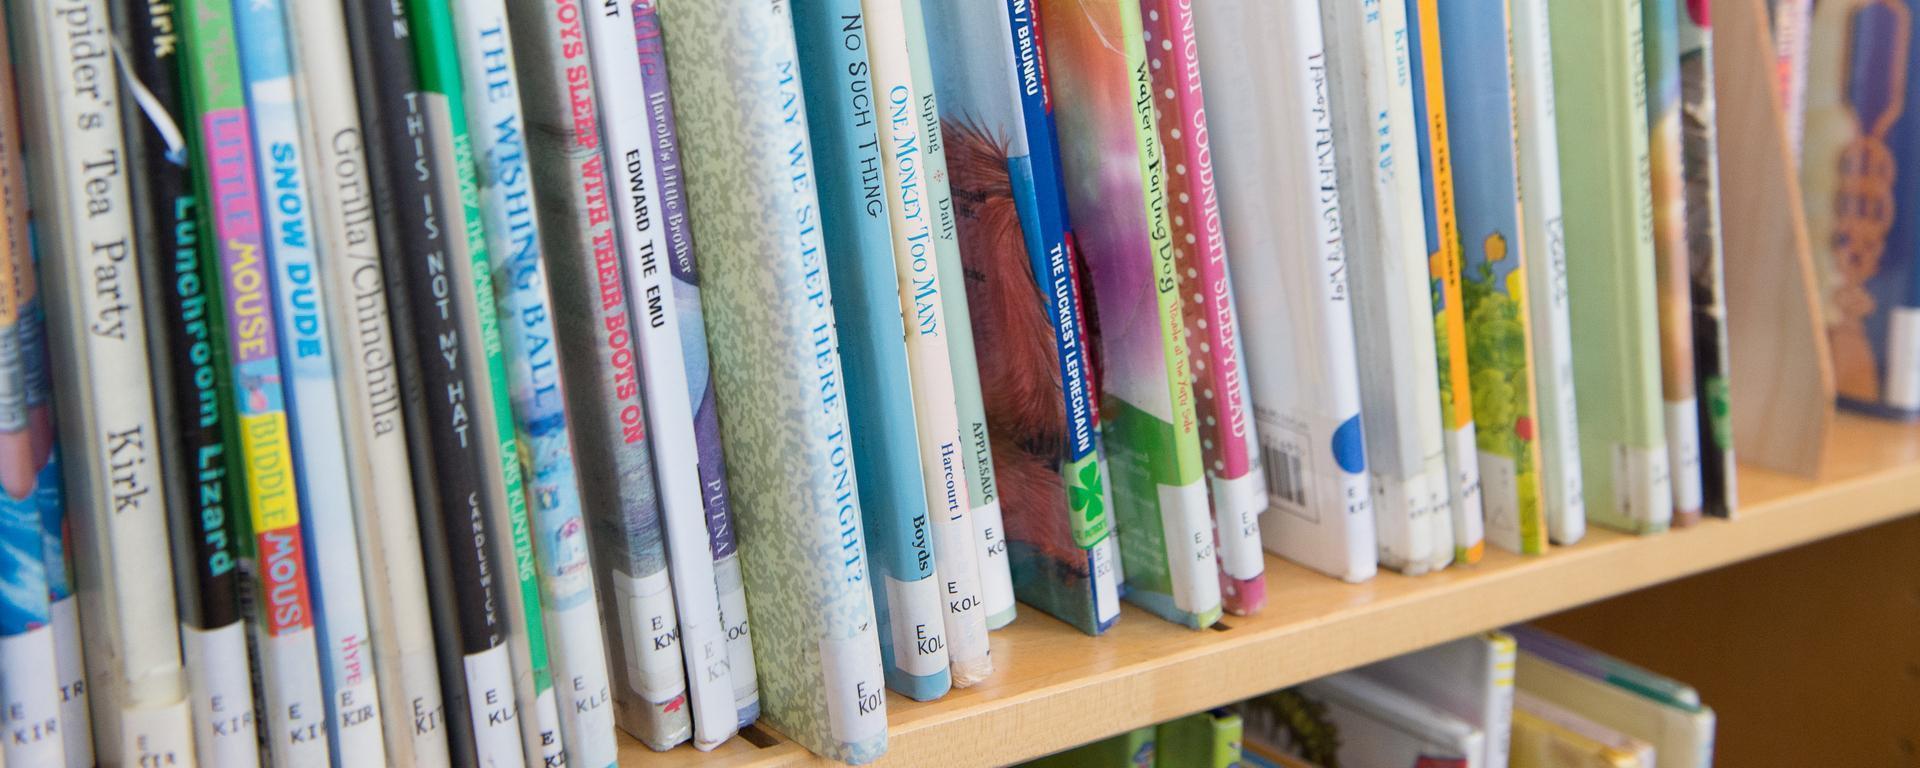 kids books on the shelf